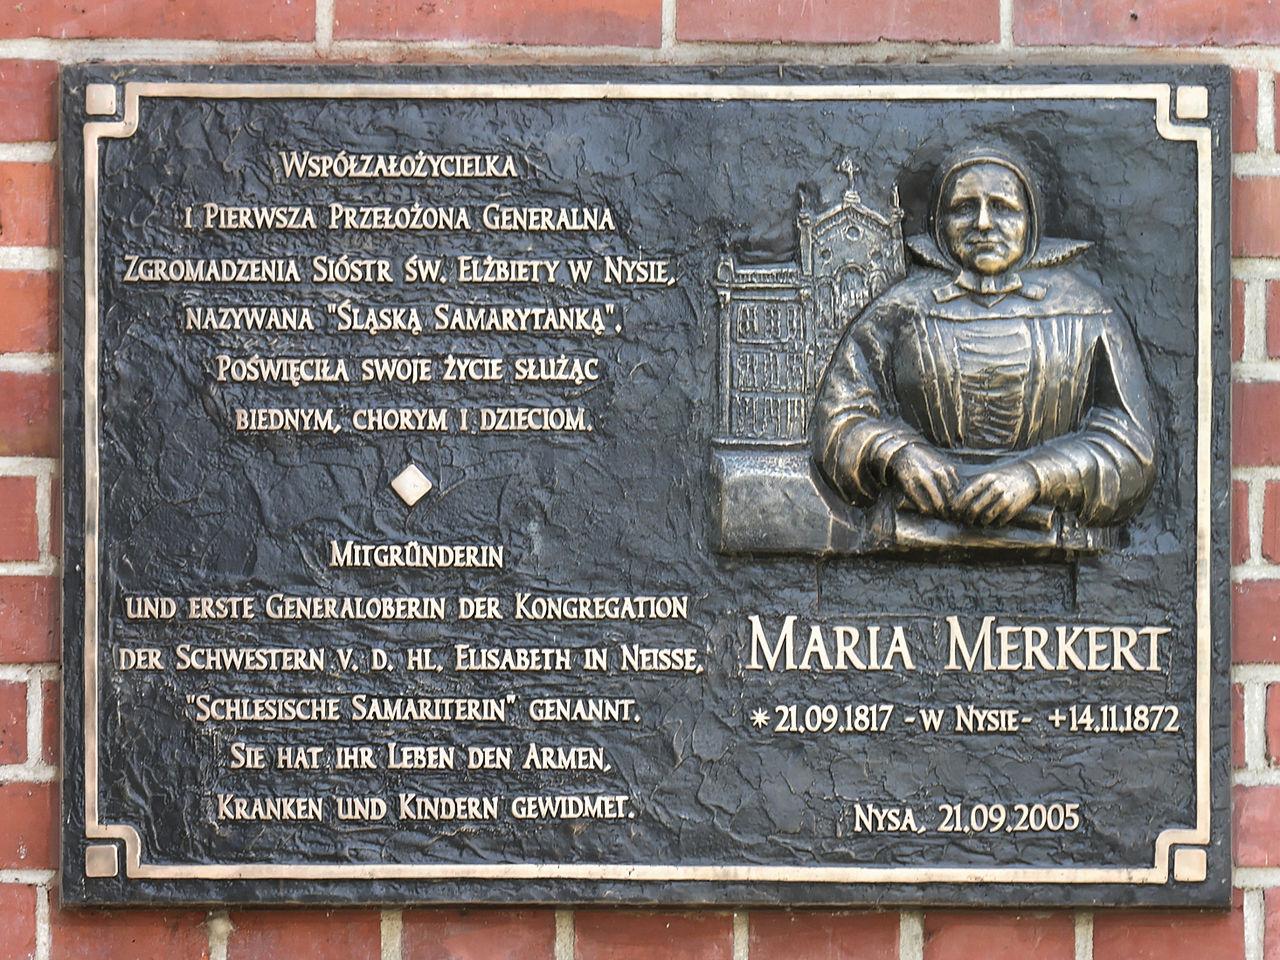 Placa en honor de Mary Merkert en Niza